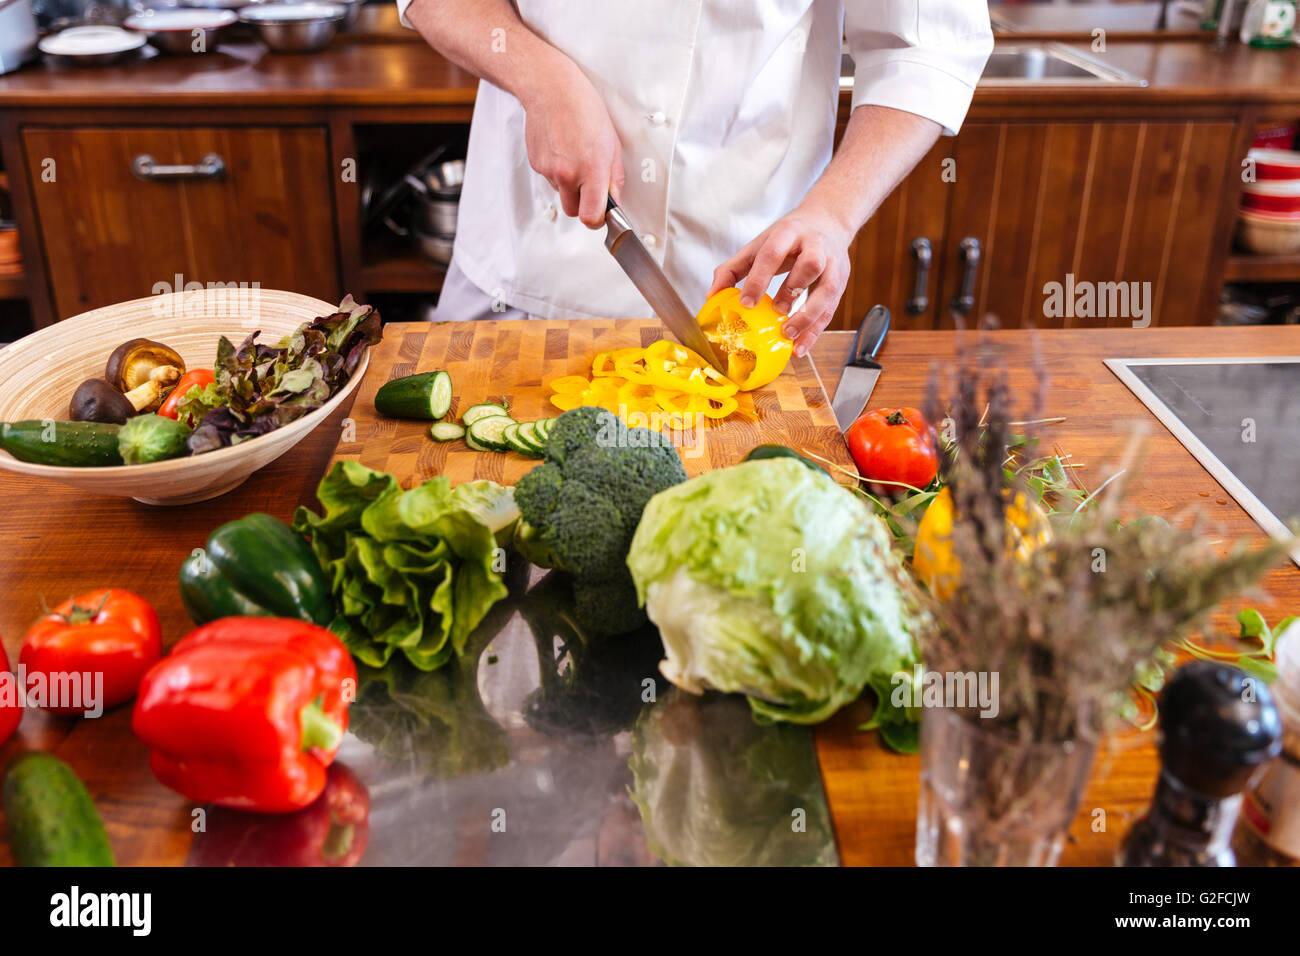 Gros plan du chef cuisinier et de rendre permanent sur la cuisine de salade Photo Stock